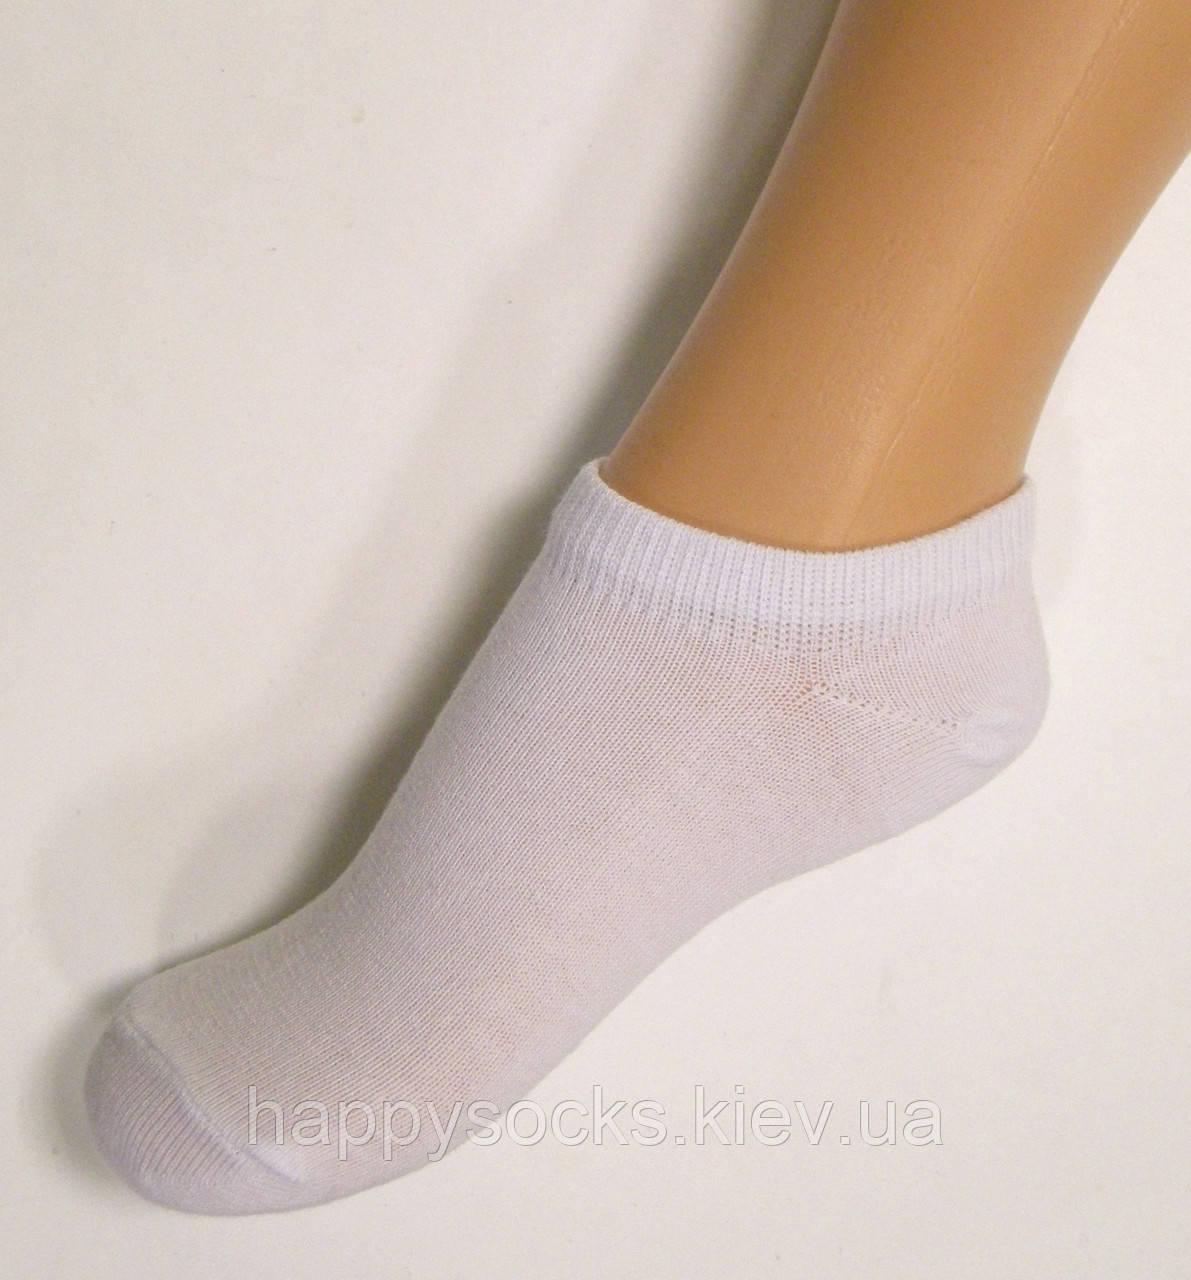 Короткие носки детские хлопковые белого цвета